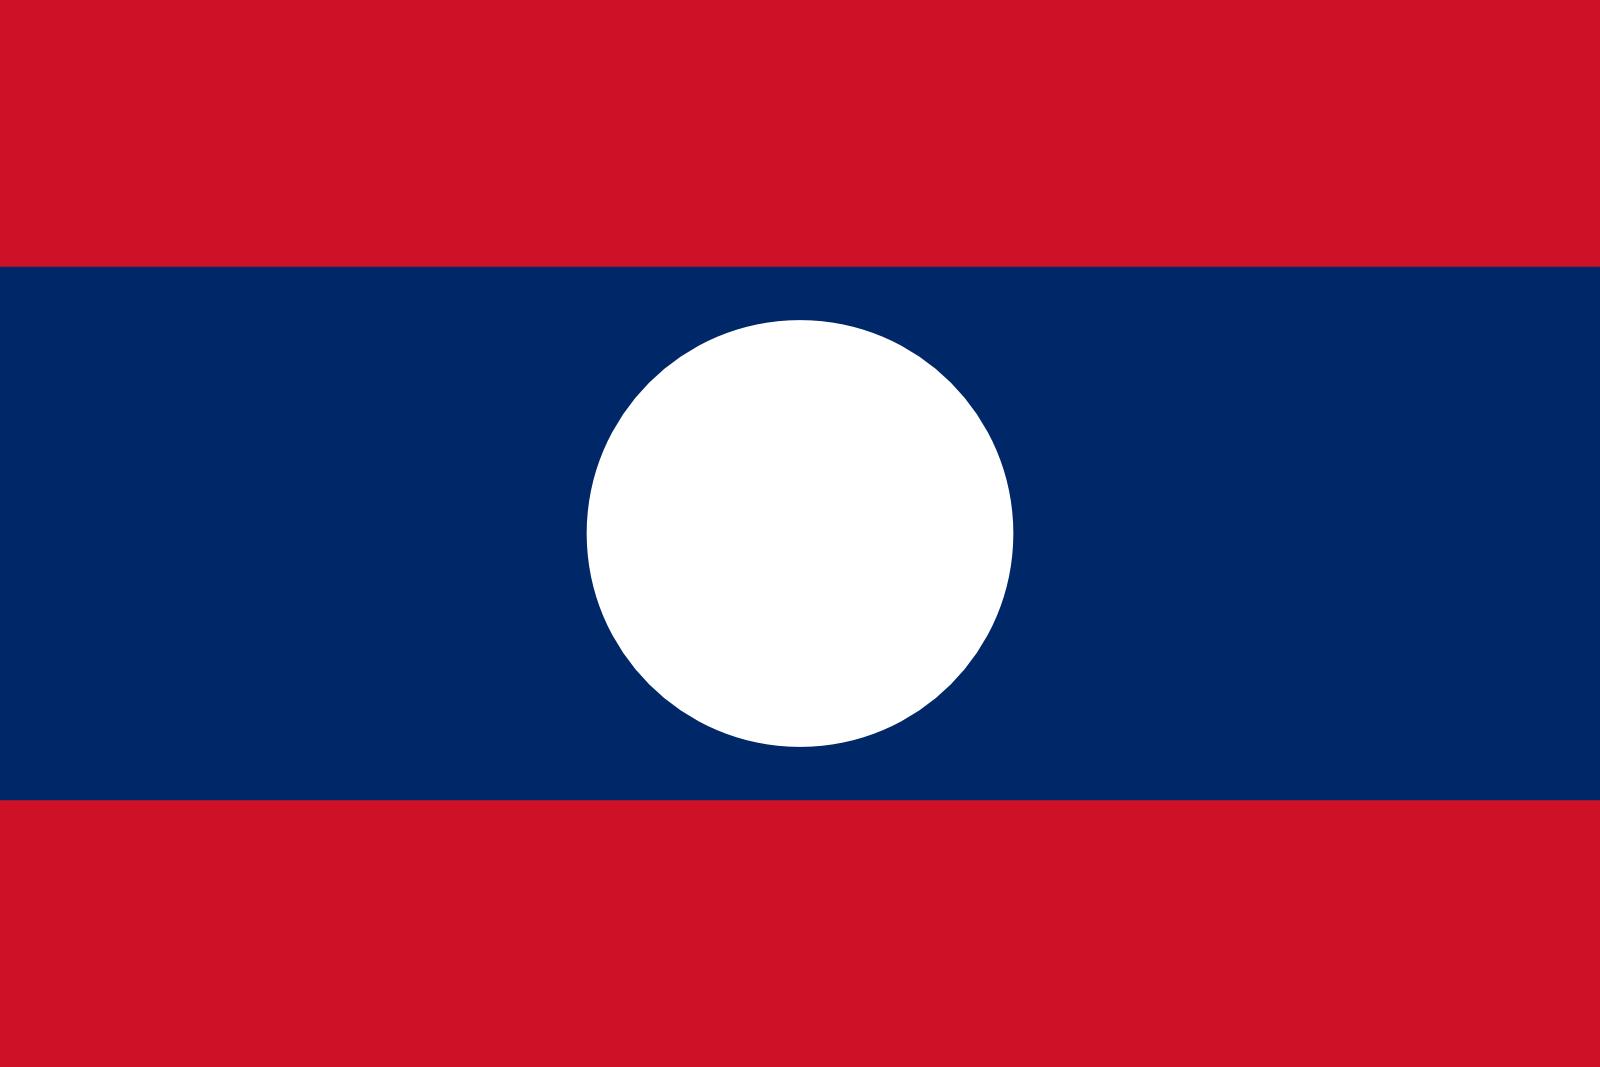 imagenes de banderas hd137 200 Imágenes de Banderas en HD (Wallpapers)